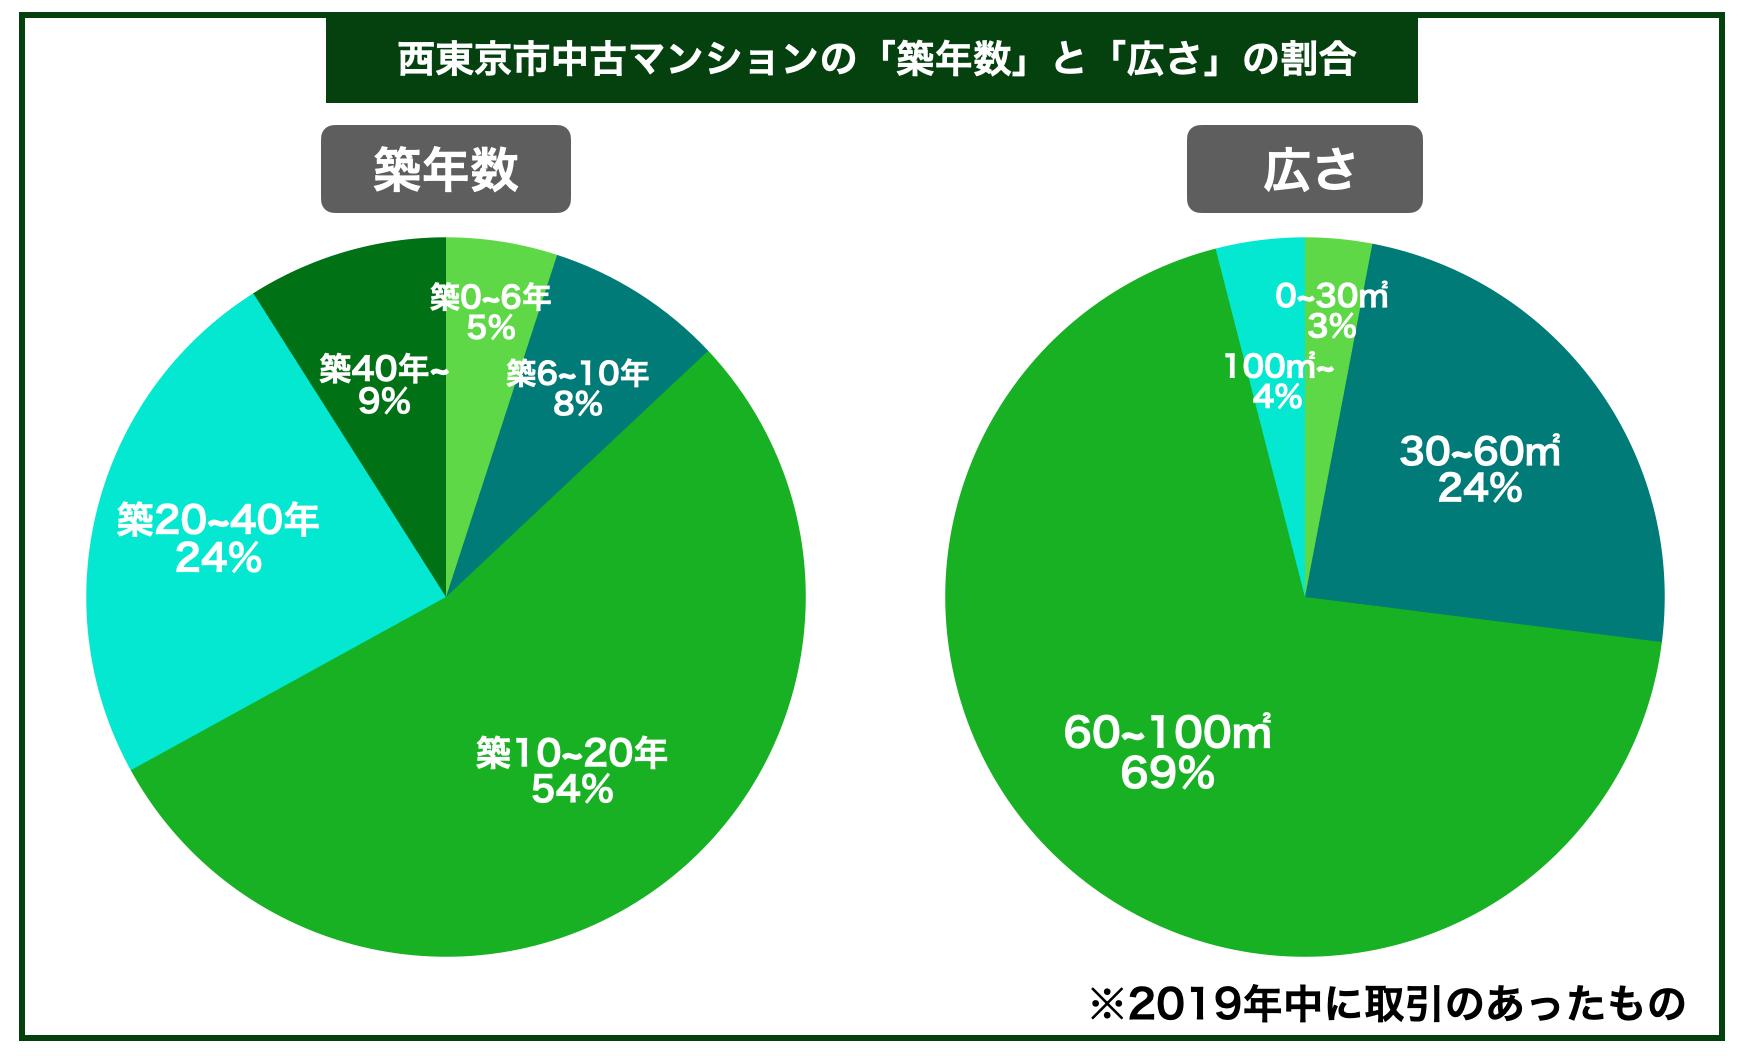 西東京市中古マンション築年数広さ割合